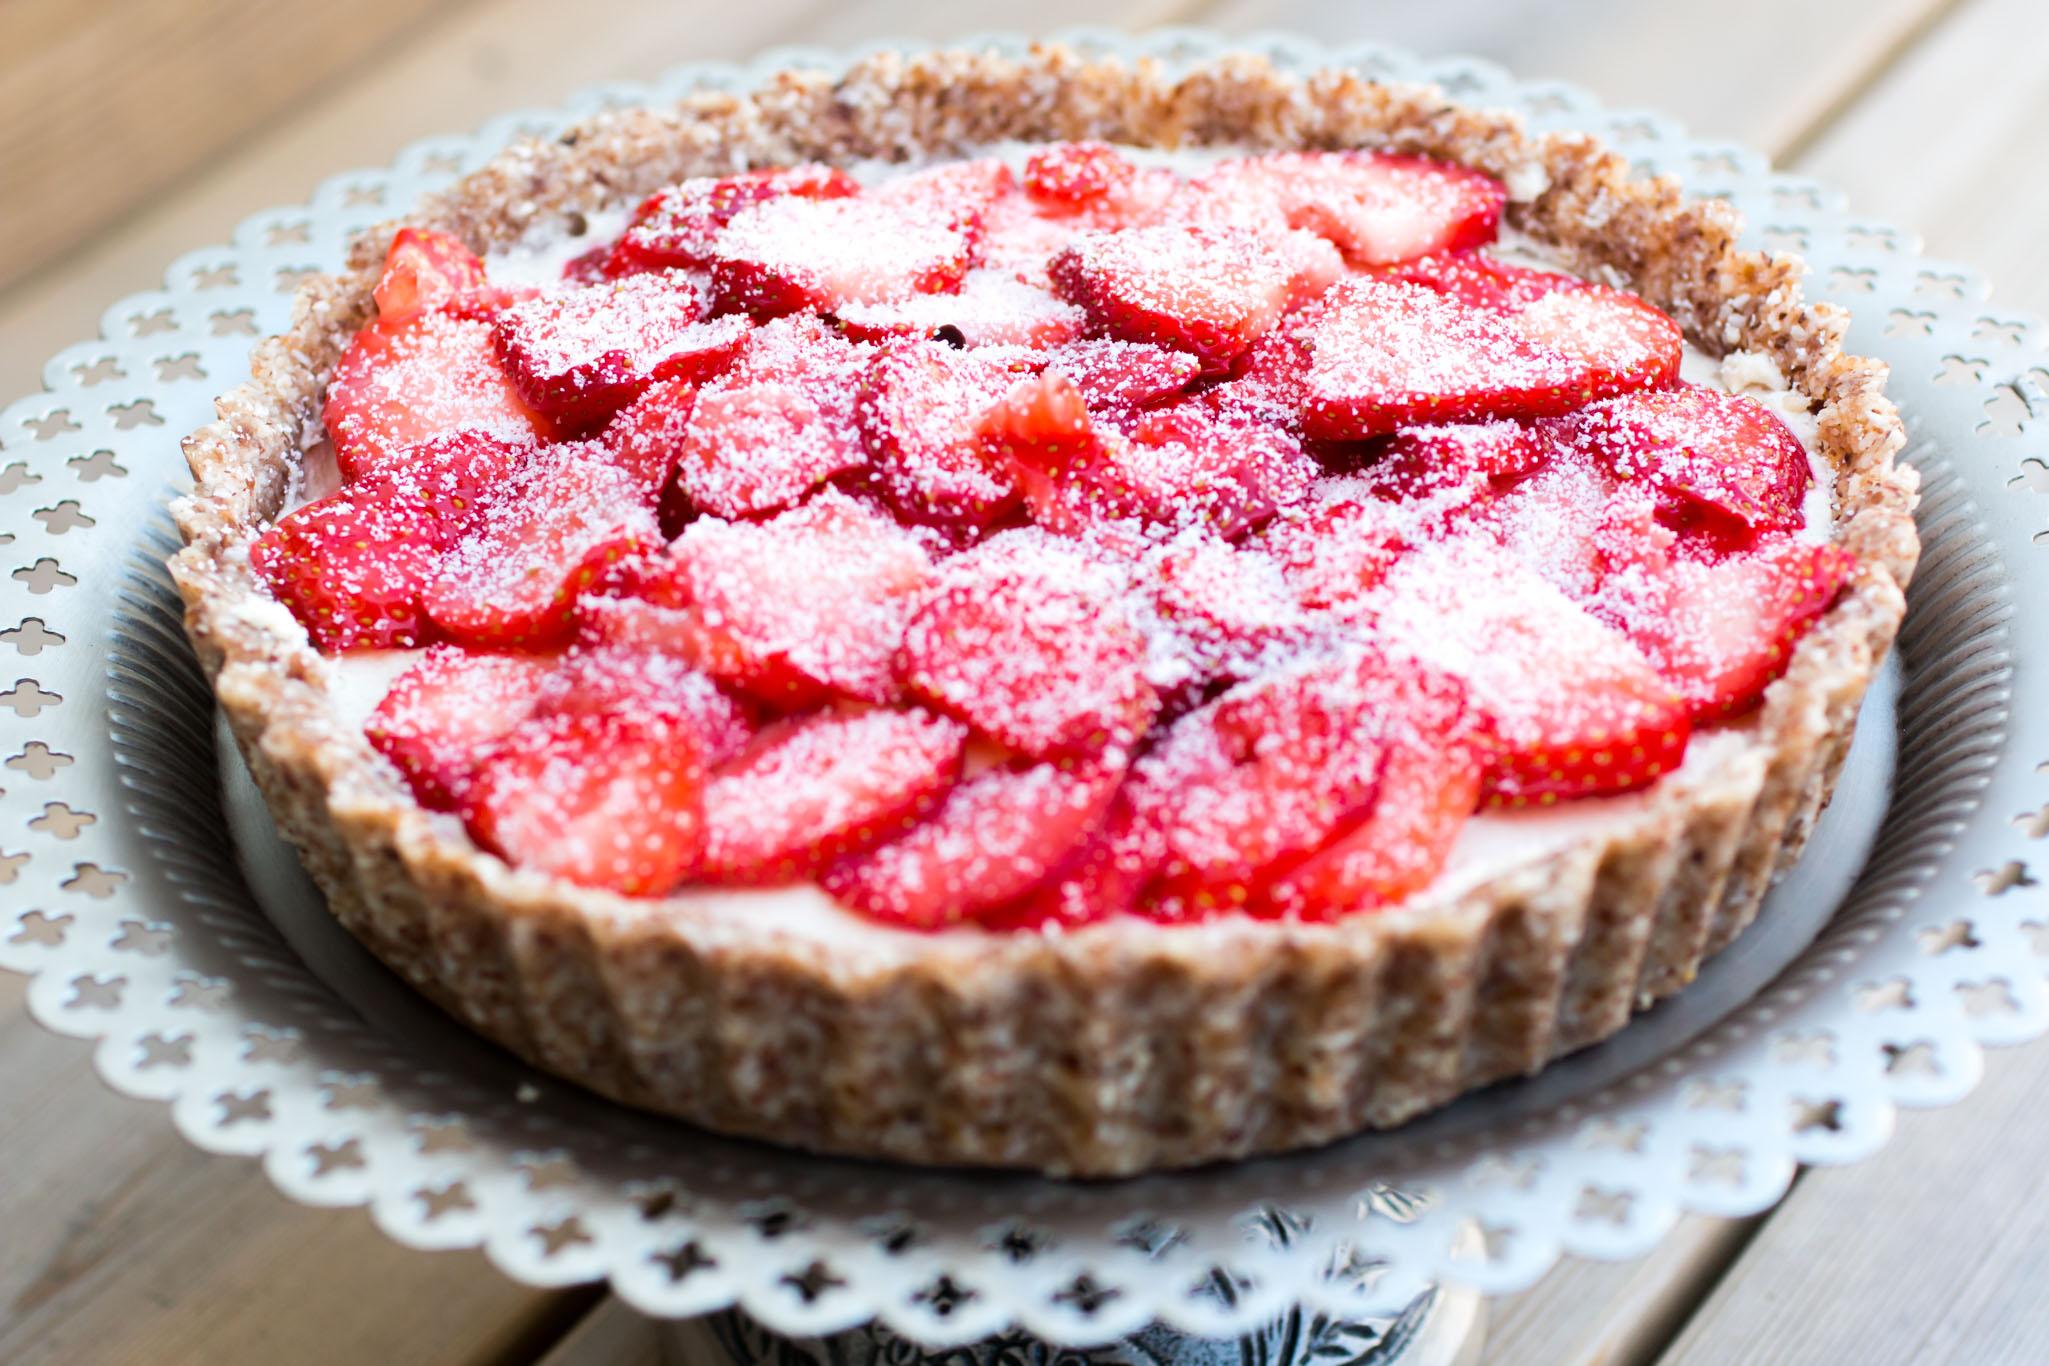 IMG_3583_1 Sommar tårta - Limekräm & jordgubbar